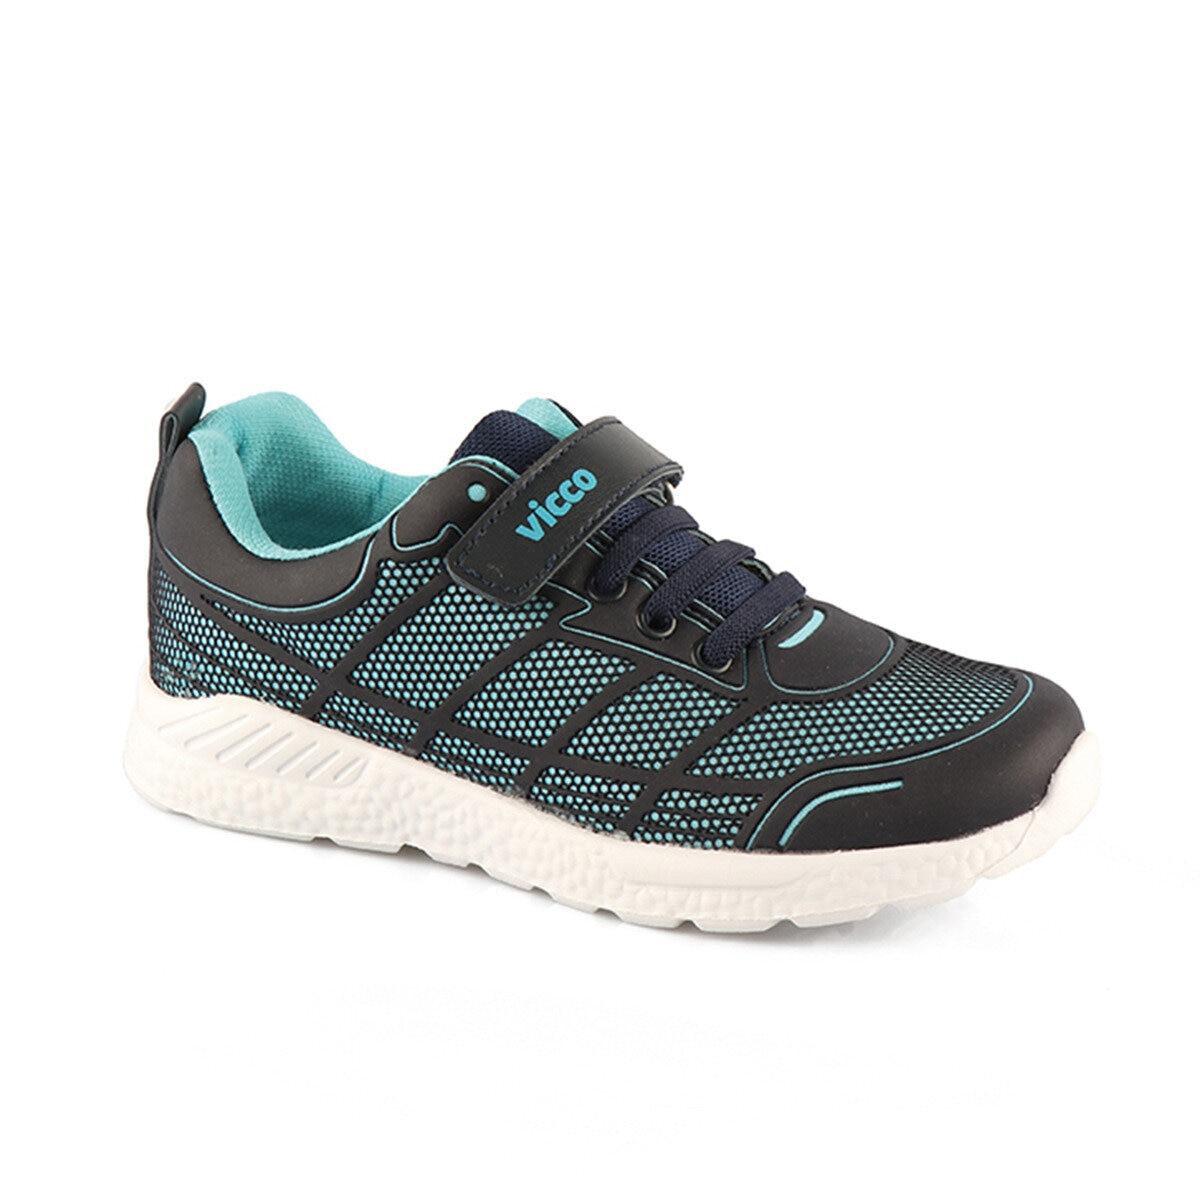 FLO 348.18K.124 PHYLON Navy Blue Unisex Children Sneaker Shoes VICCO